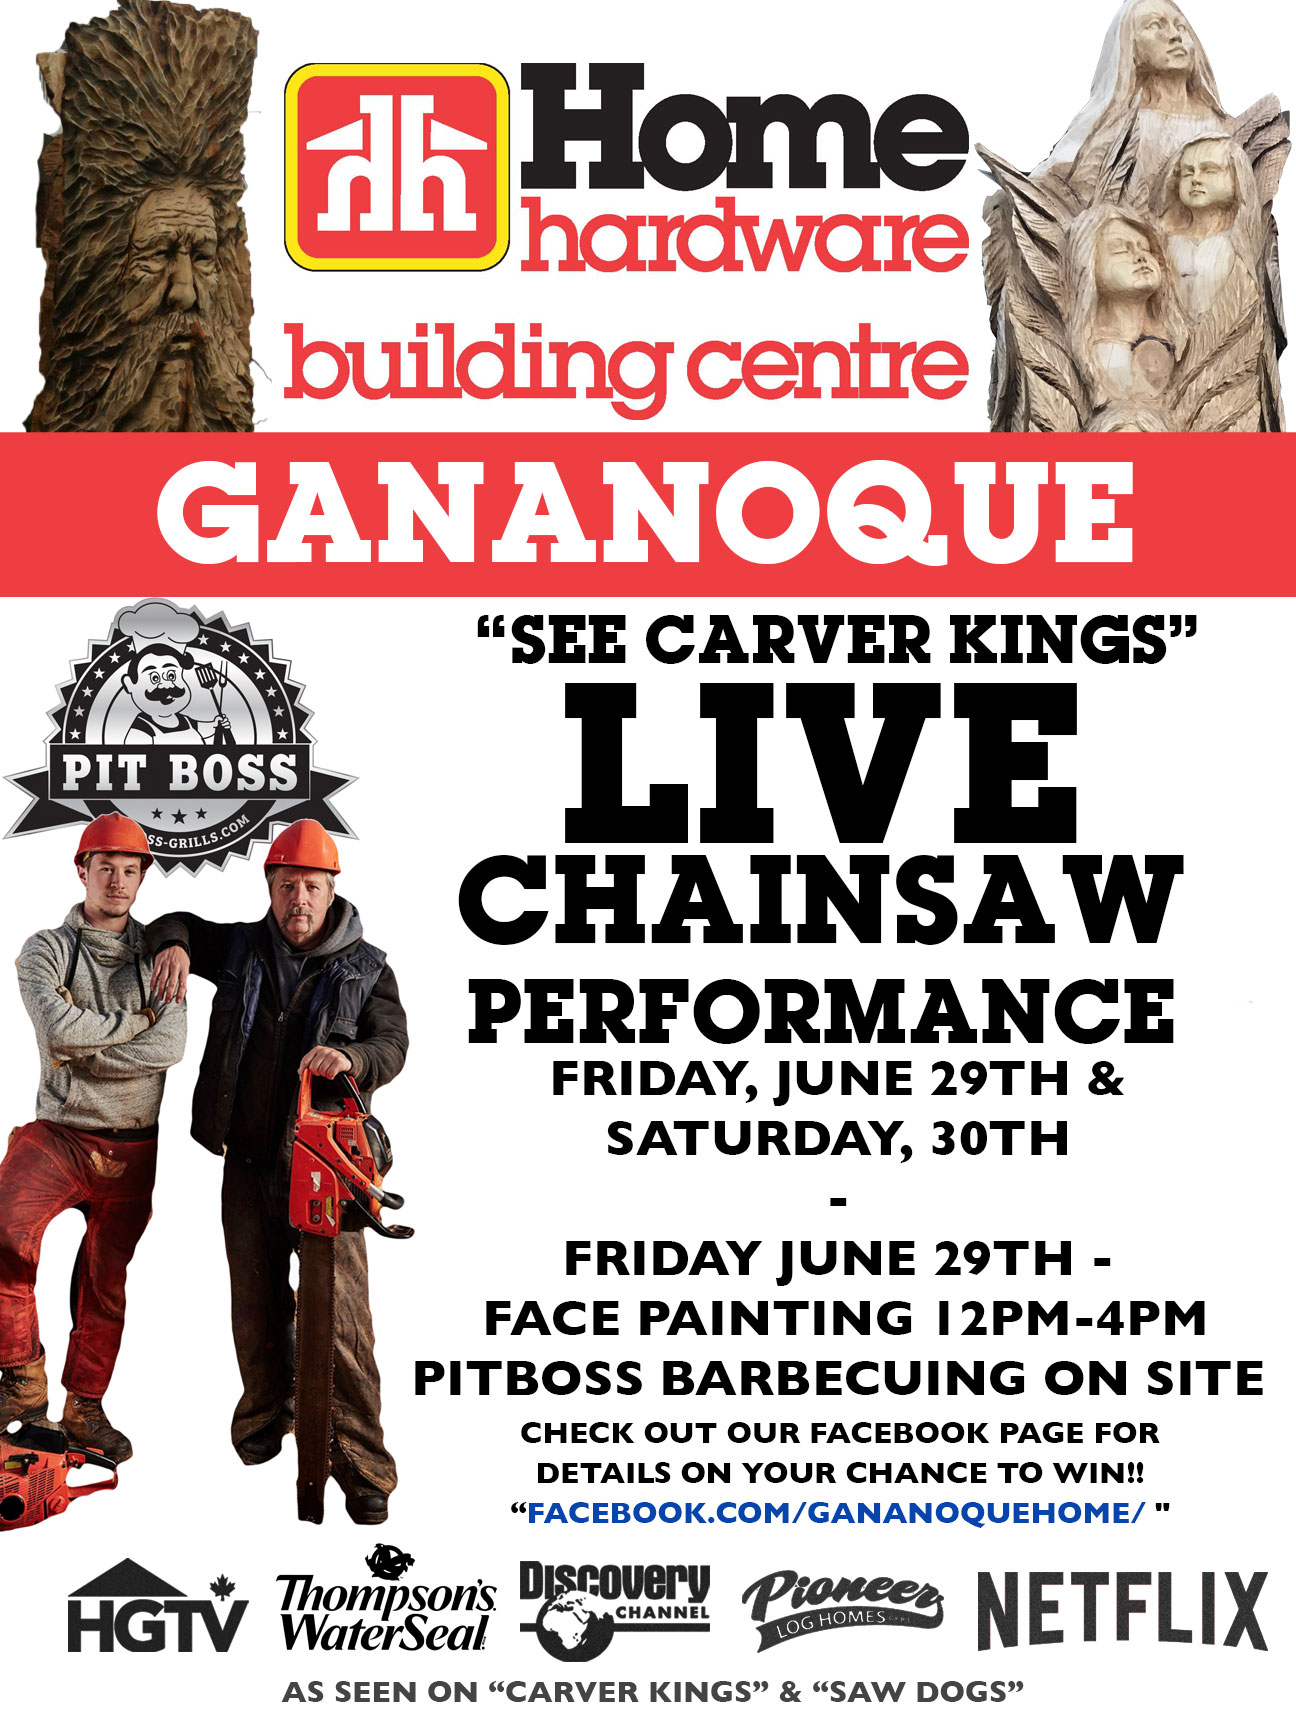 Gananoque Home Hardware Building Centre Carving Event